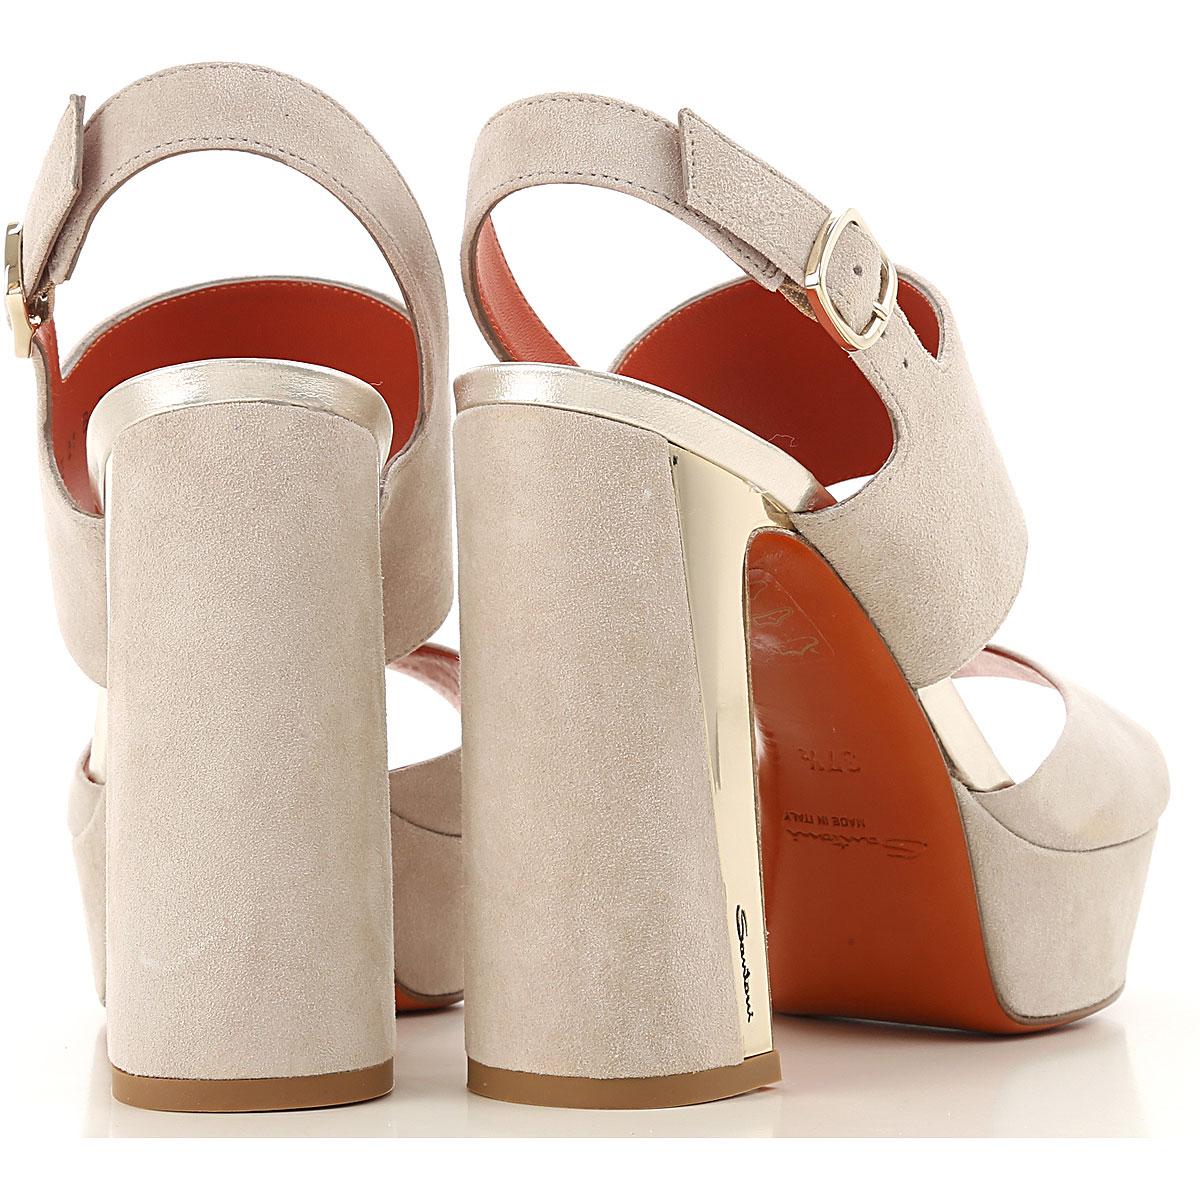 verano 2019 Para Mujer Primavera Hielo Platino Santoni Zapatos IwqPUxnvX